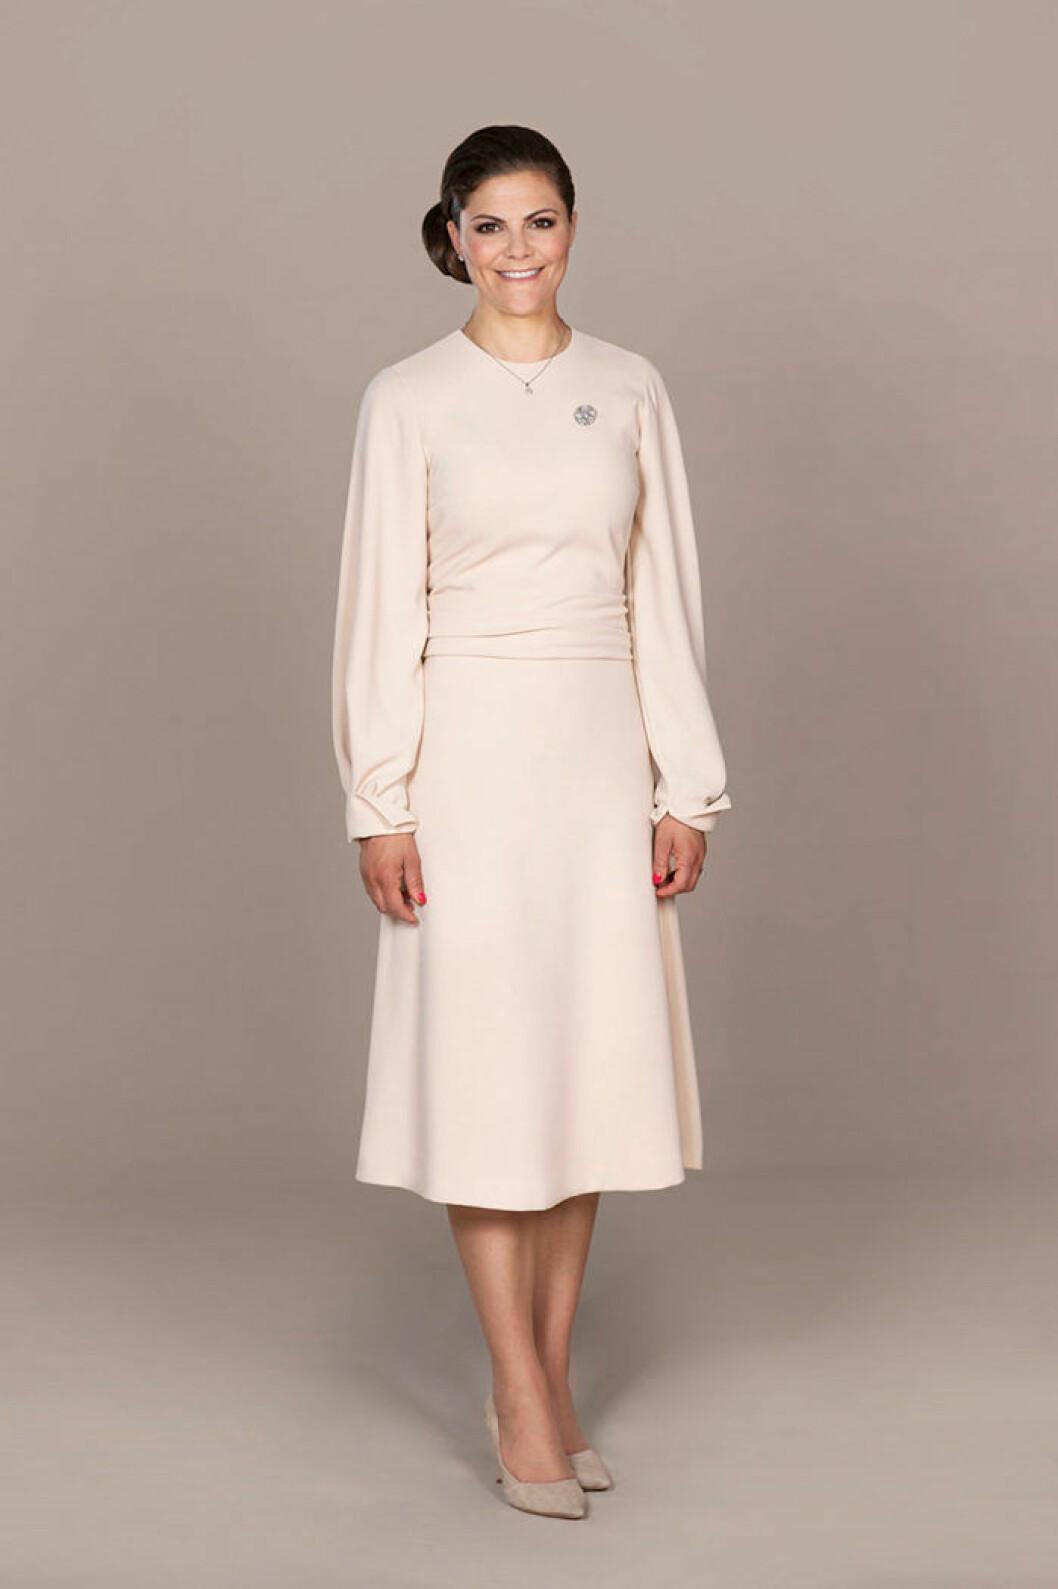 Kronprinsessan Victoria i klänning från Stylein.